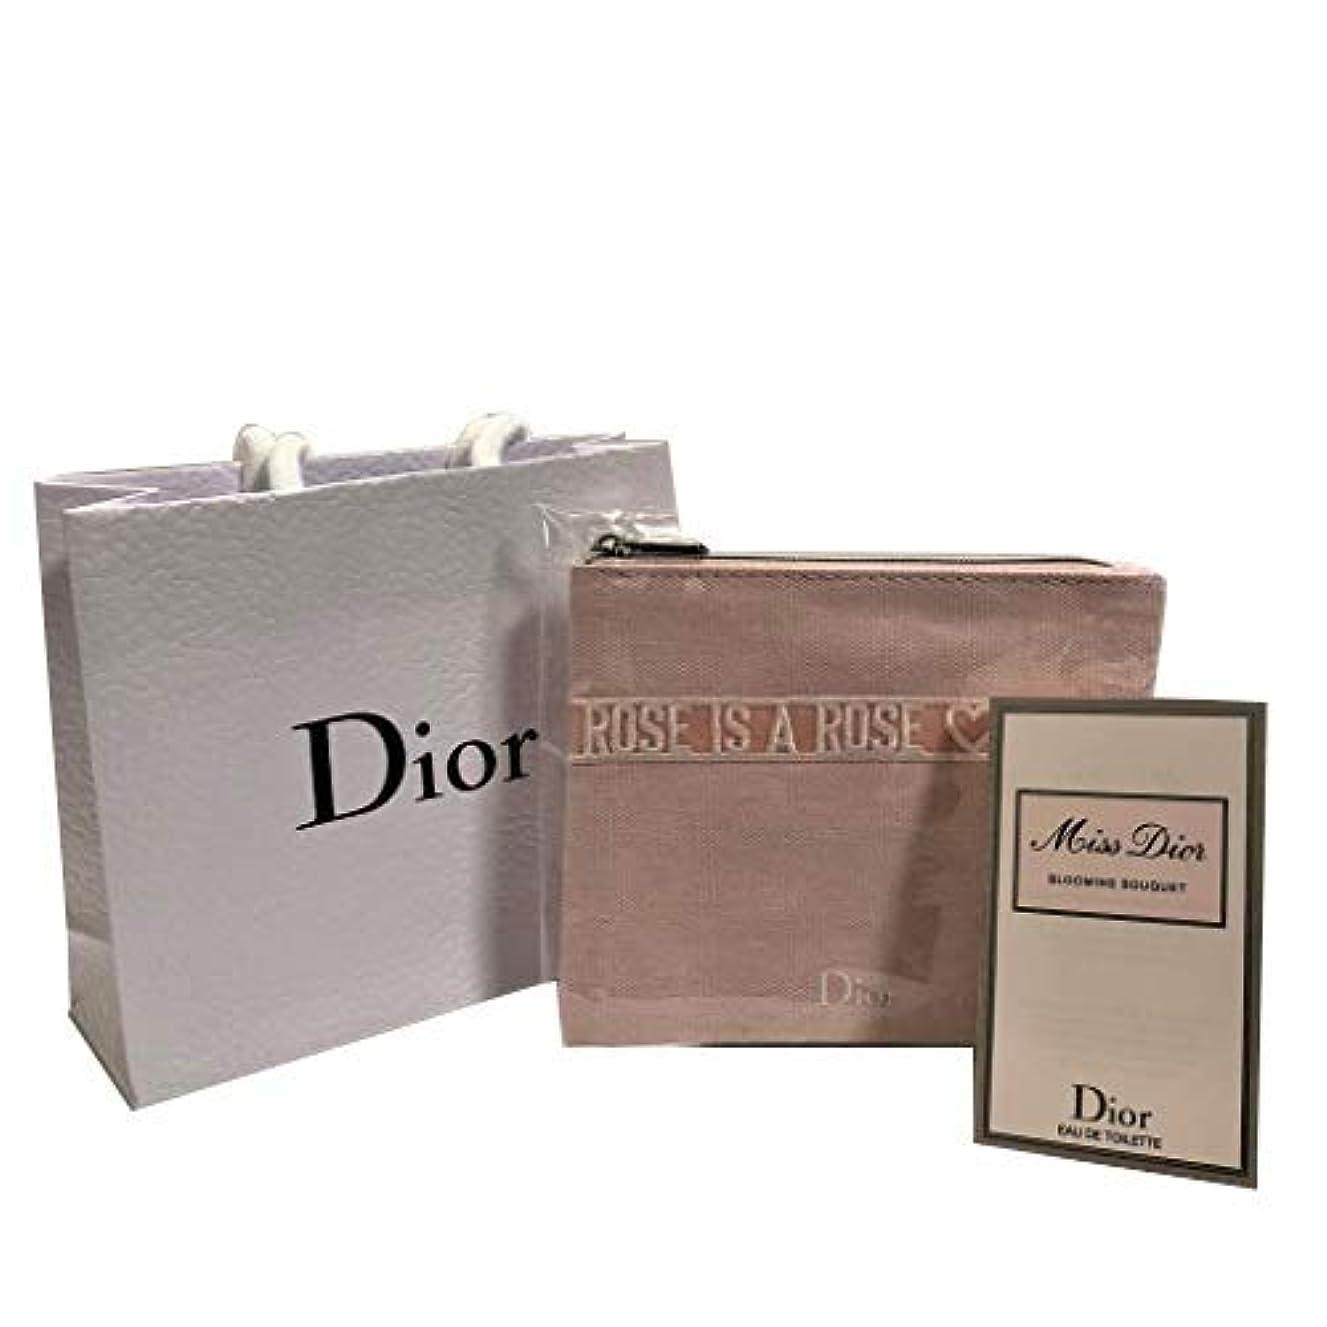 紳士気取りの、きざな債権者脚Dior ディオール ミニポーチセット( ミス ディオール ブルーミング ブーケ EDT SP 1ml)